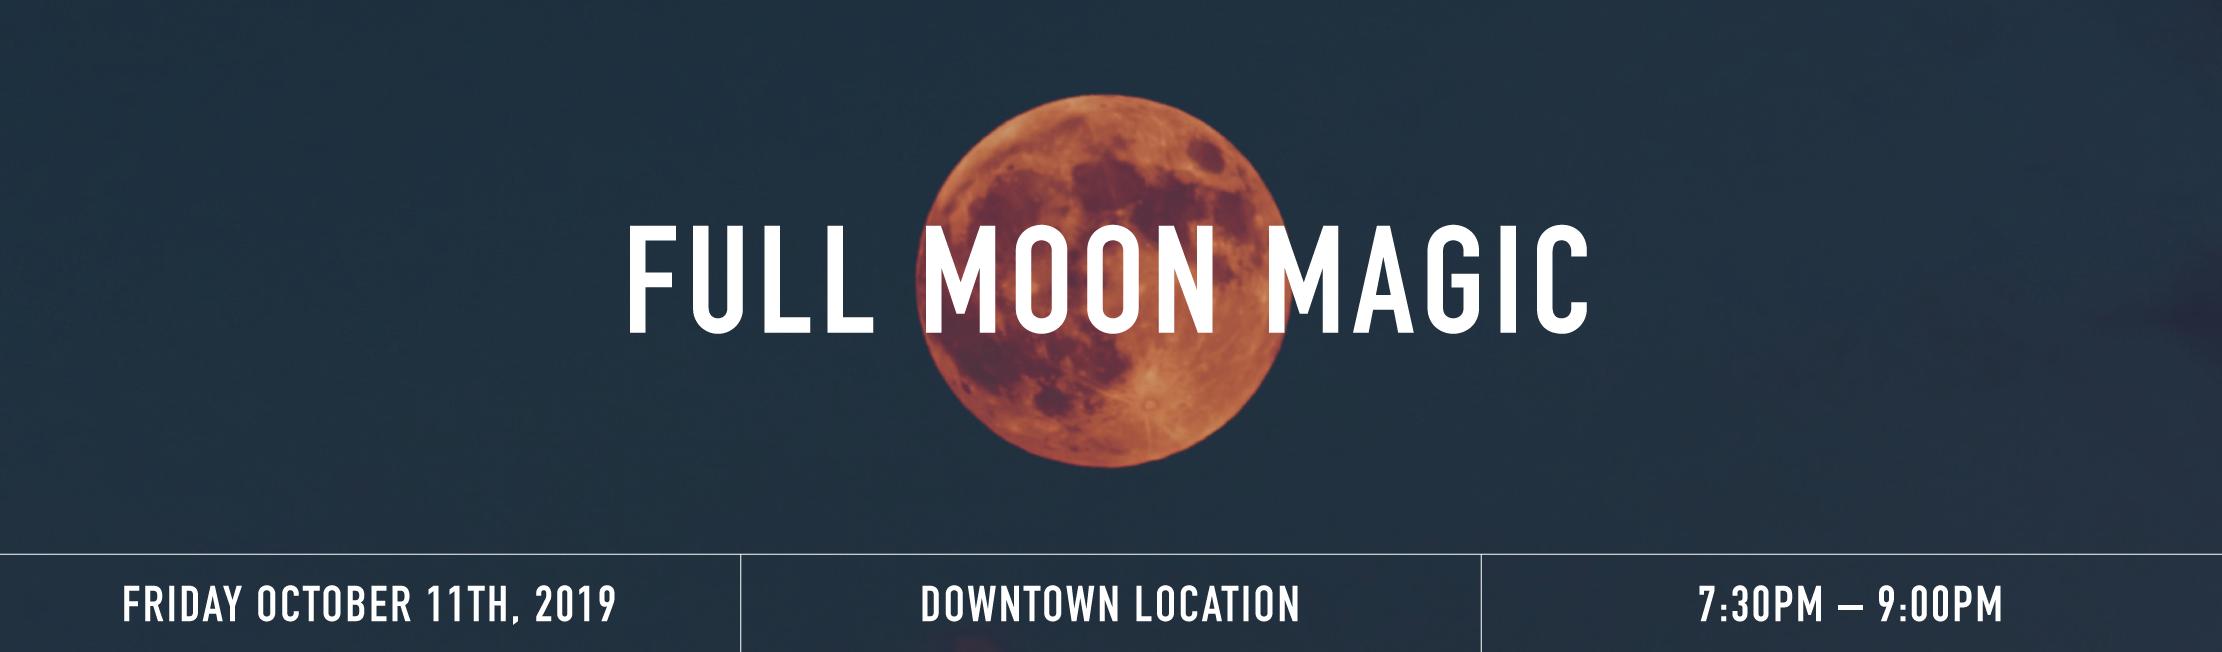 Full moon banner  1